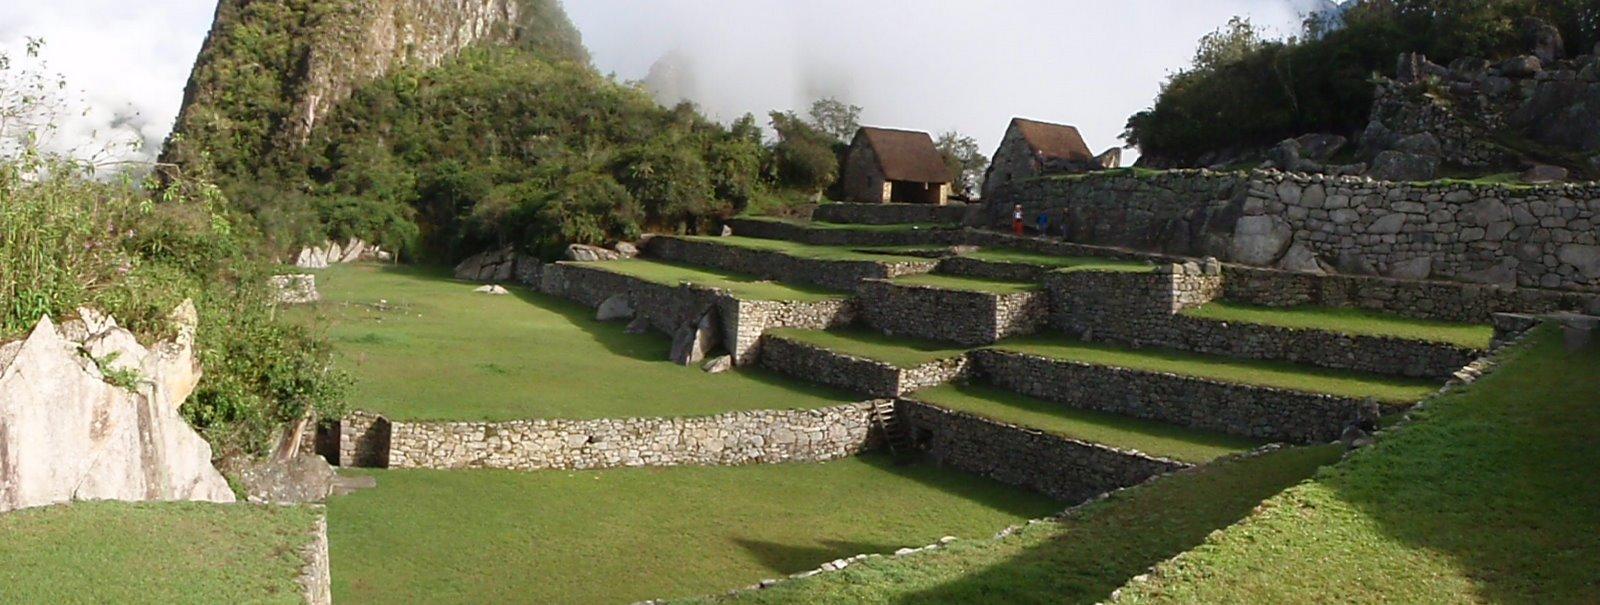 [Machu+Picchu+and+ollaytatambo+065.jpg]